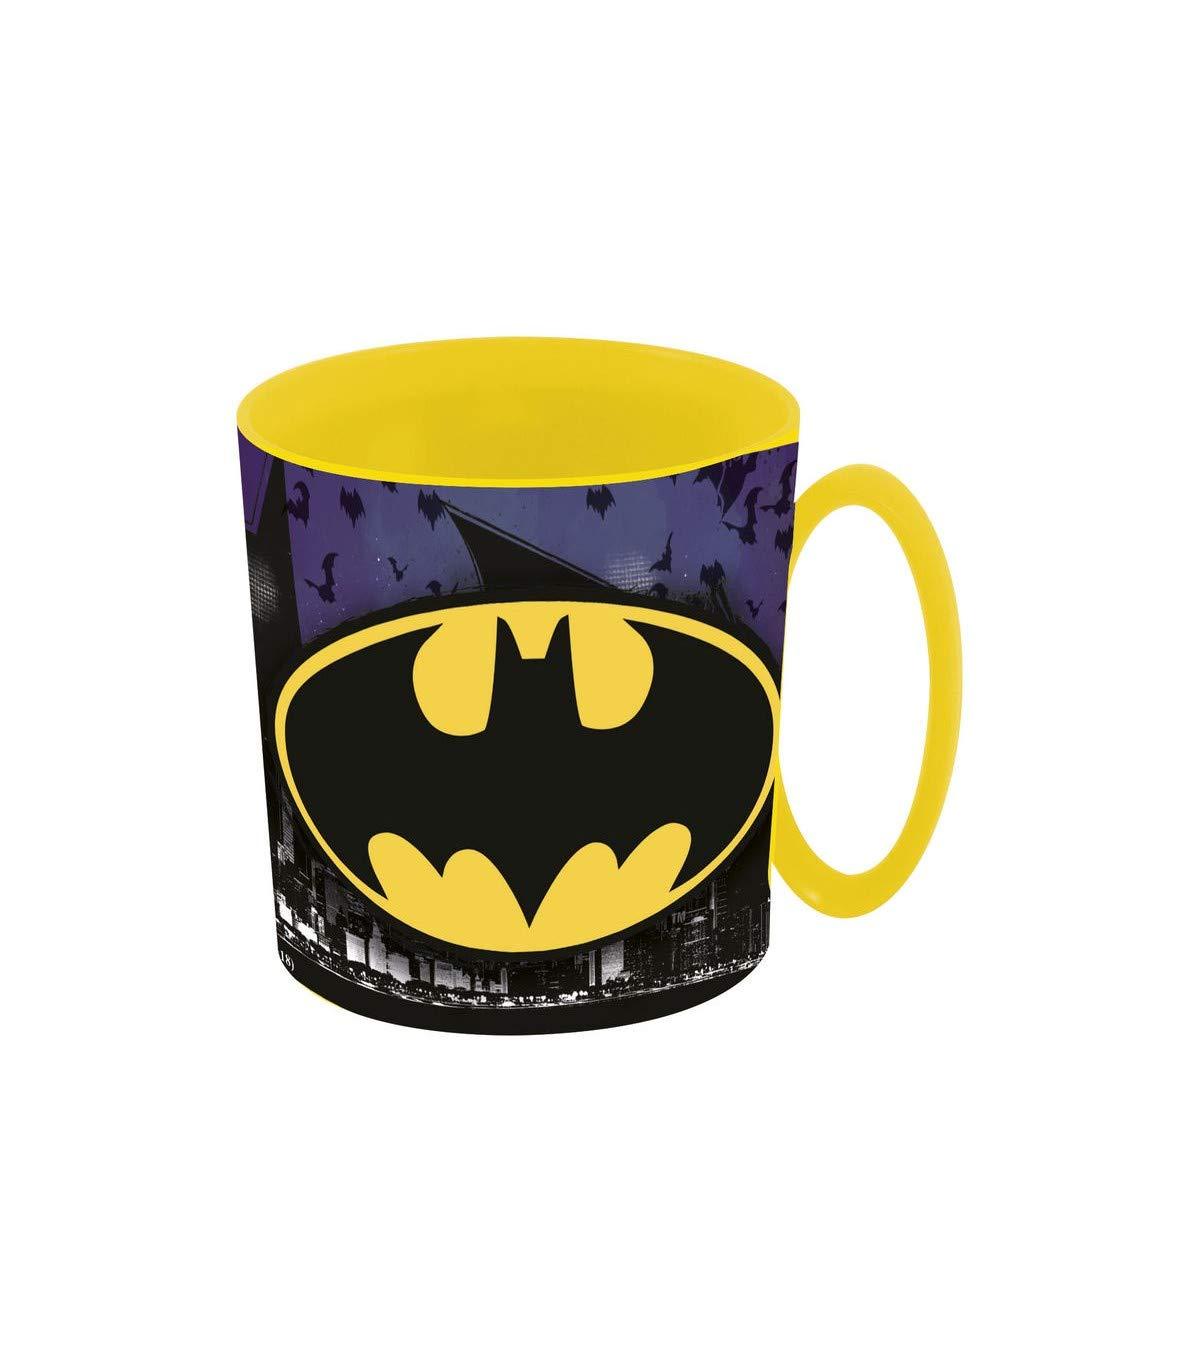 ALMACENESADAN 2108; Taza Apta para microondas Batman; 350 ml; no Apto para lavavajillas; Producto de plástico; Libre BPA